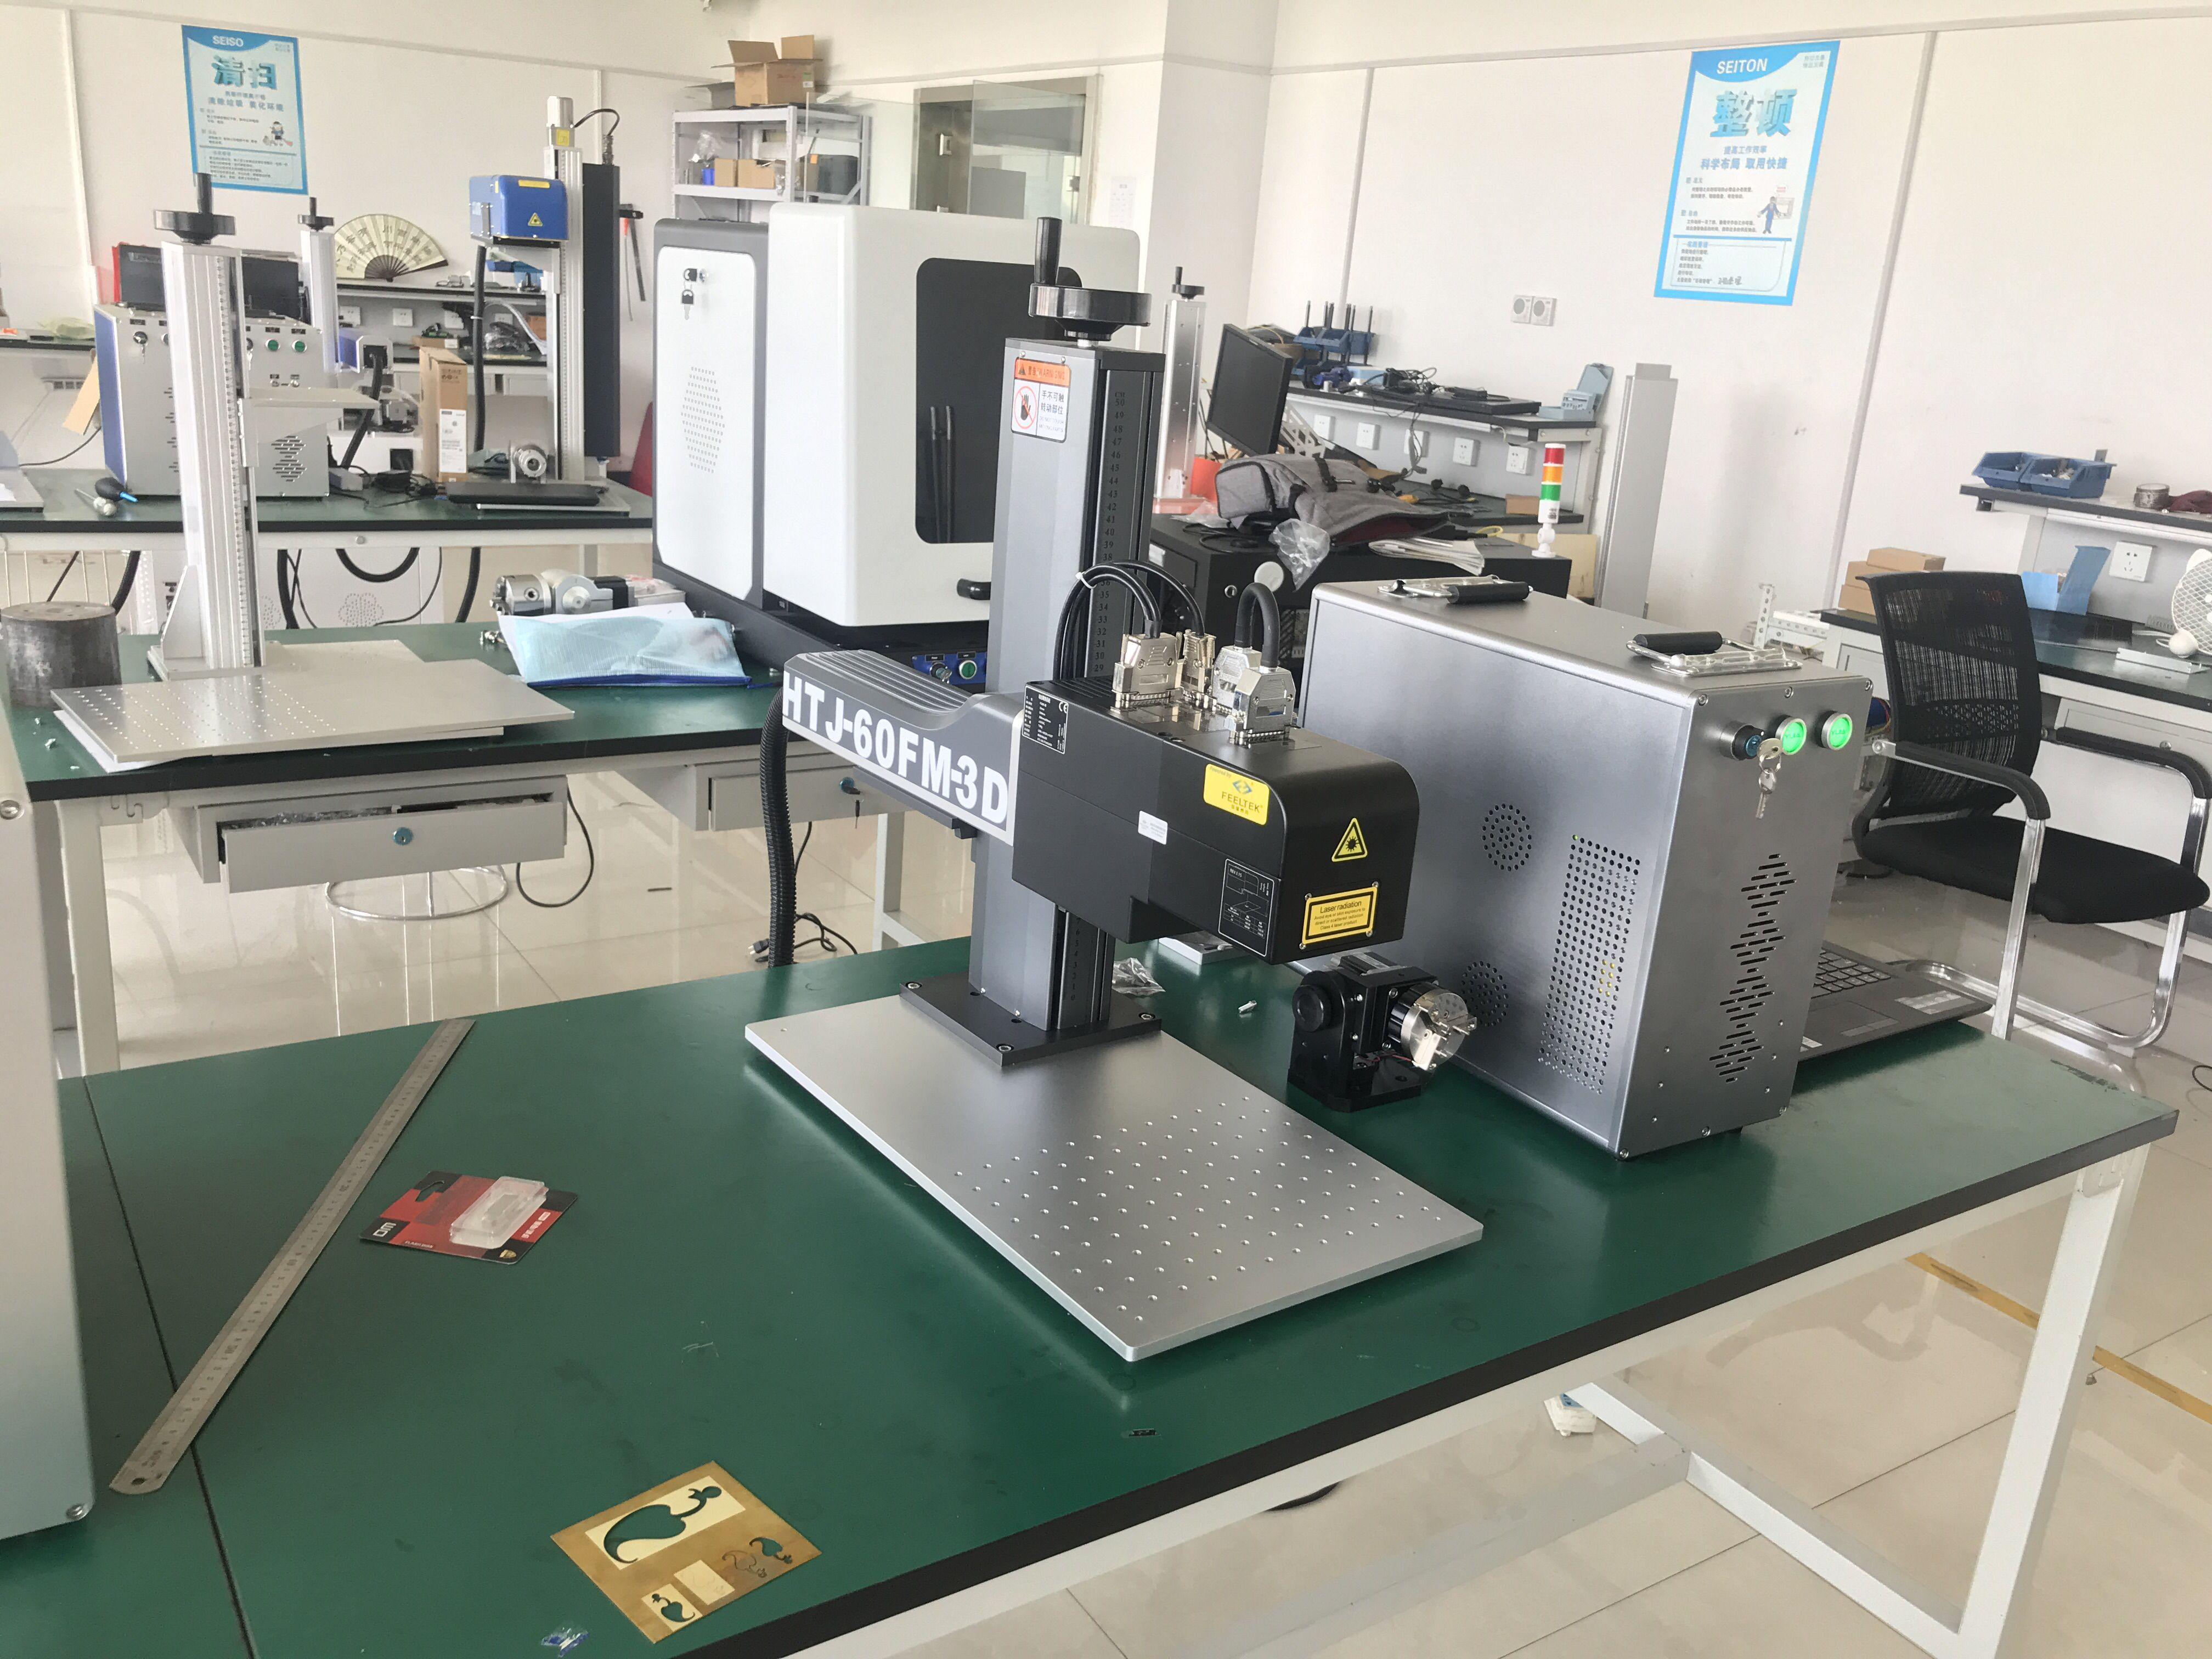 Portable Laser Engraving Marking Machine In 2020 Laser Engraving Machine Laser Engraving Home Decor